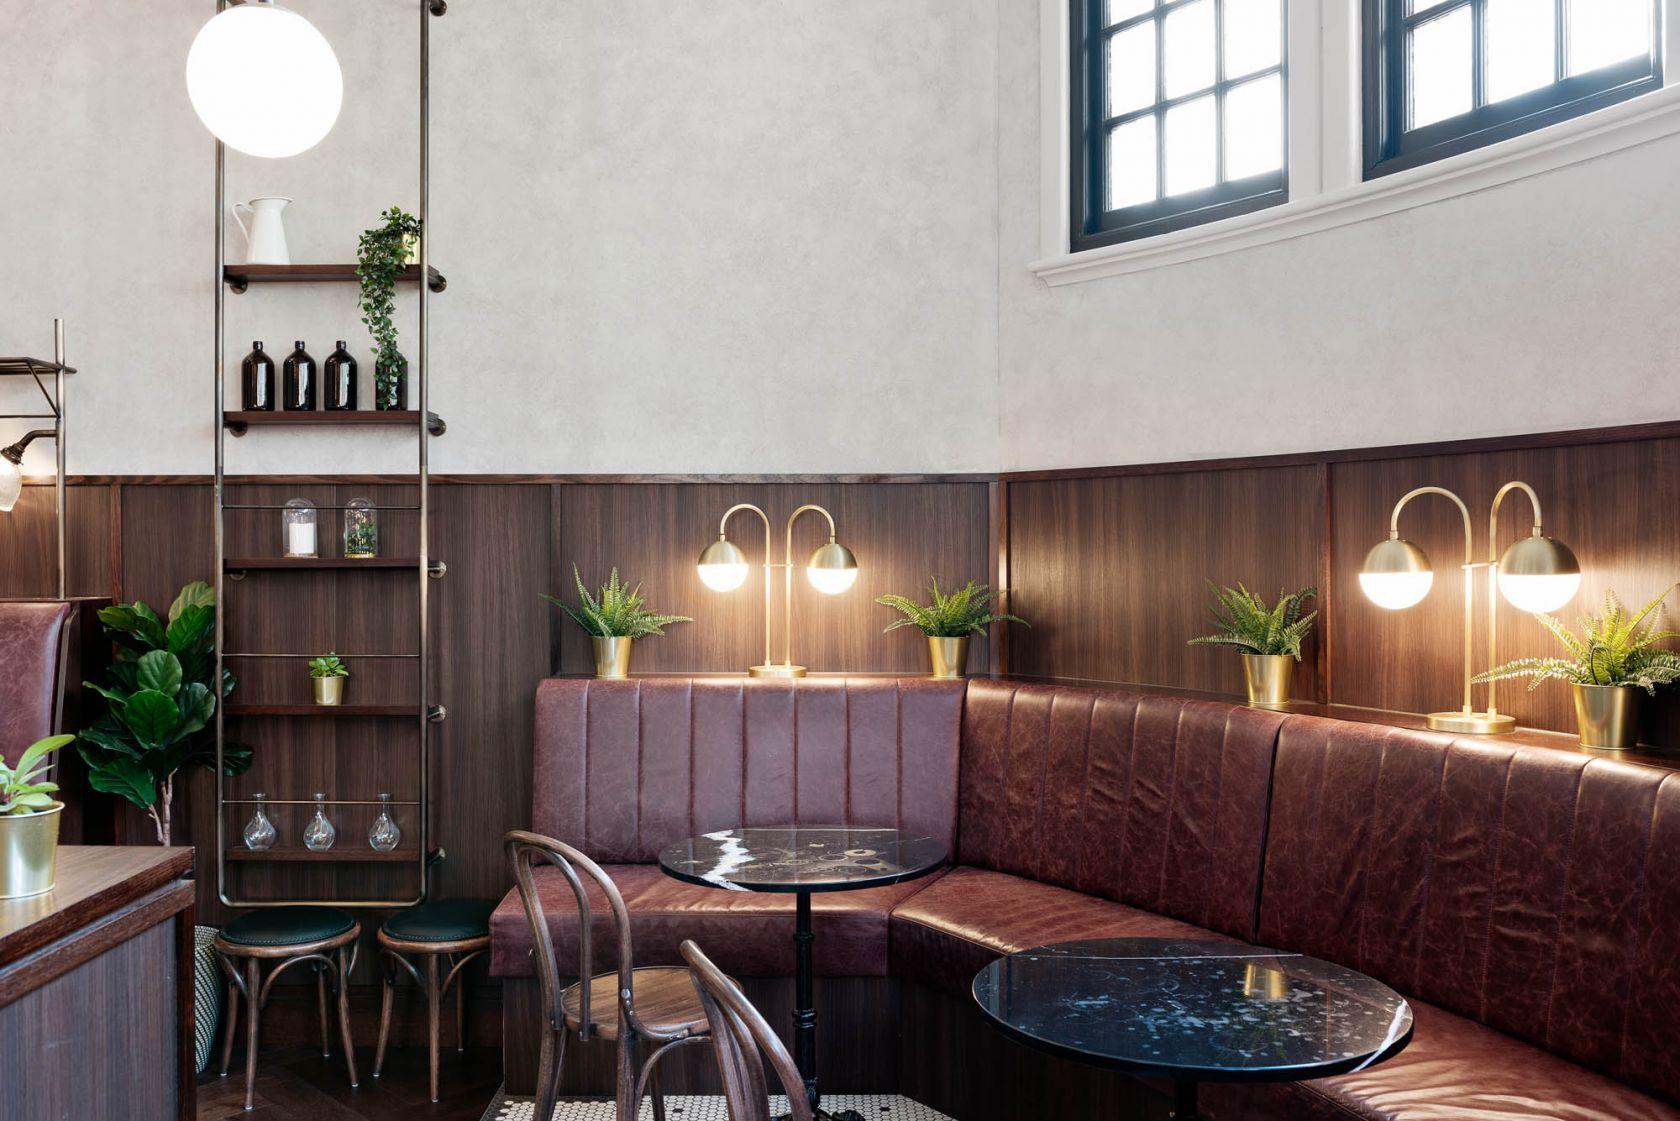 Clocks fitout flinders restaurant bar diner banquette seating shelves